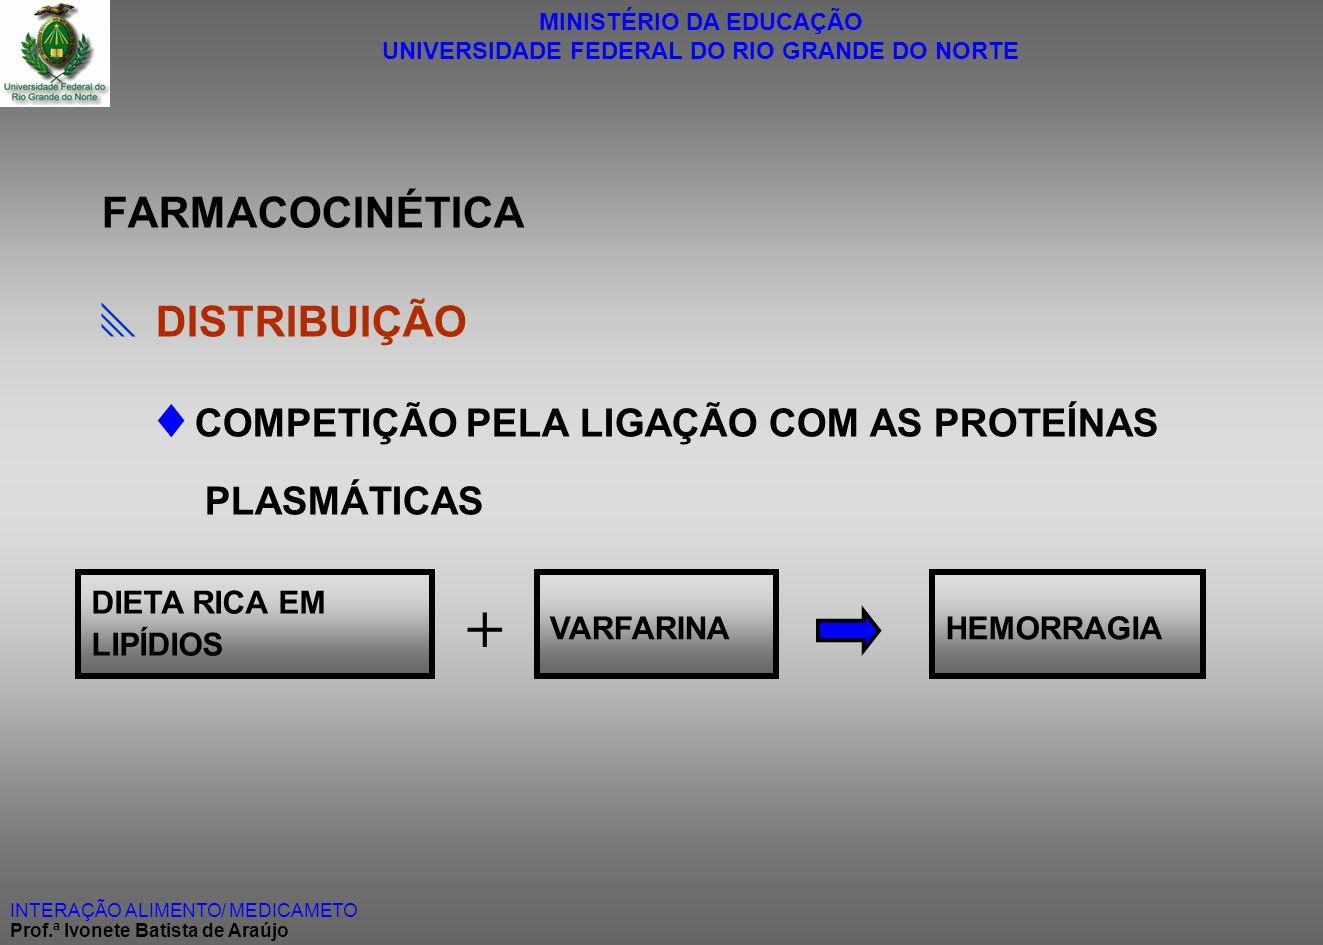 MINISTÉRIO DA EDUCAÇÃO UNIVERSIDADE FEDERAL DO RIO GRANDE DO NORTE INTERAÇÃO ALIMENTO/ MEDICAMETO Prof.ª Ivonete Batista de Araújo FARMACOCINÉTICA DIS